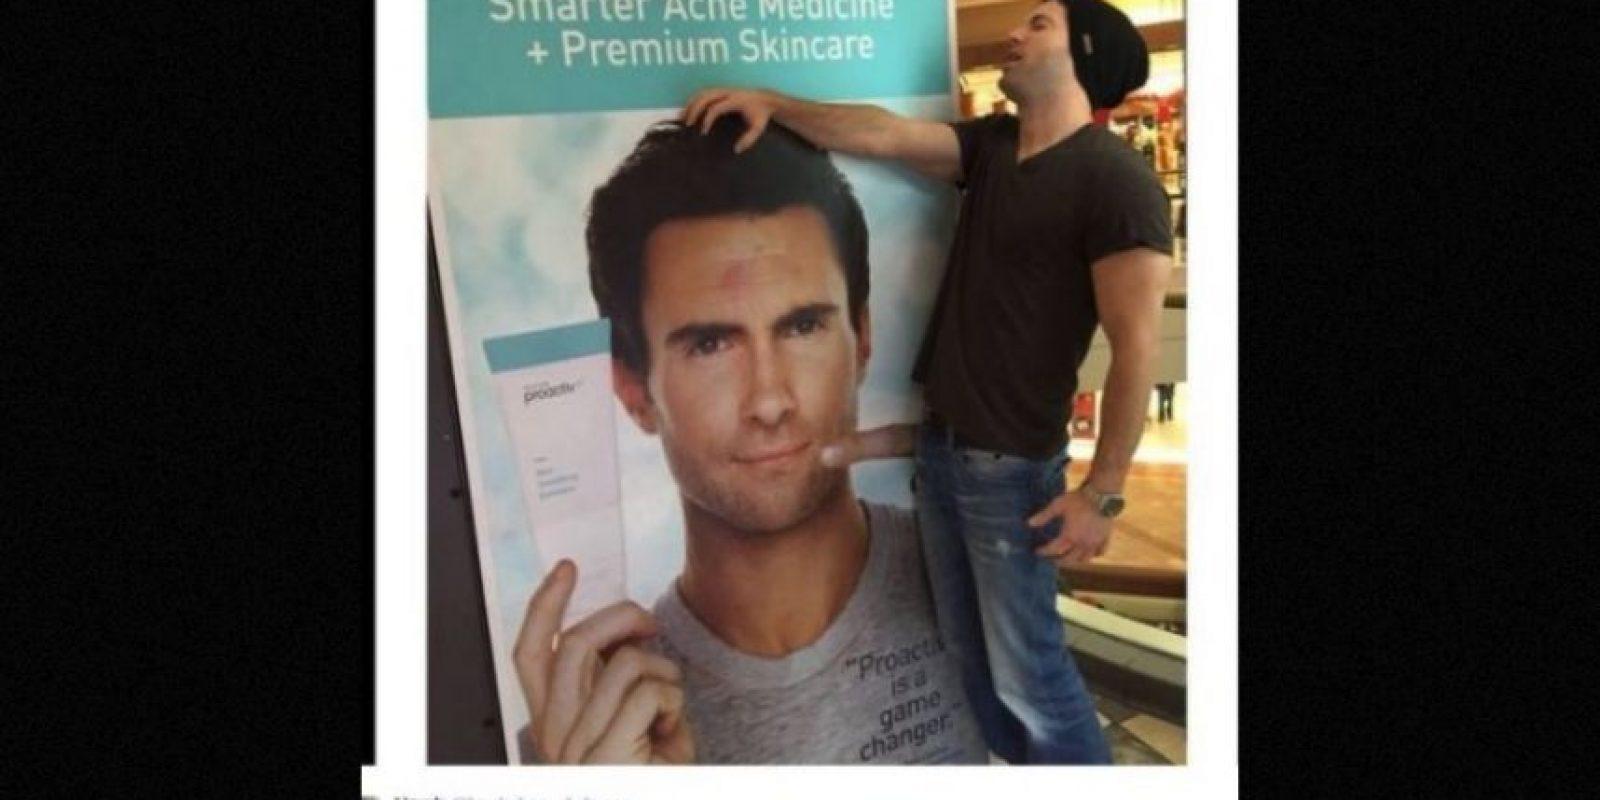 """El integrante de """"Maroon 5"""" fue el rostro de una campaña de una crema anti acné, la cual causó burlas, incluido Joe Jonas Foto:Instagram.com/adamlevine"""